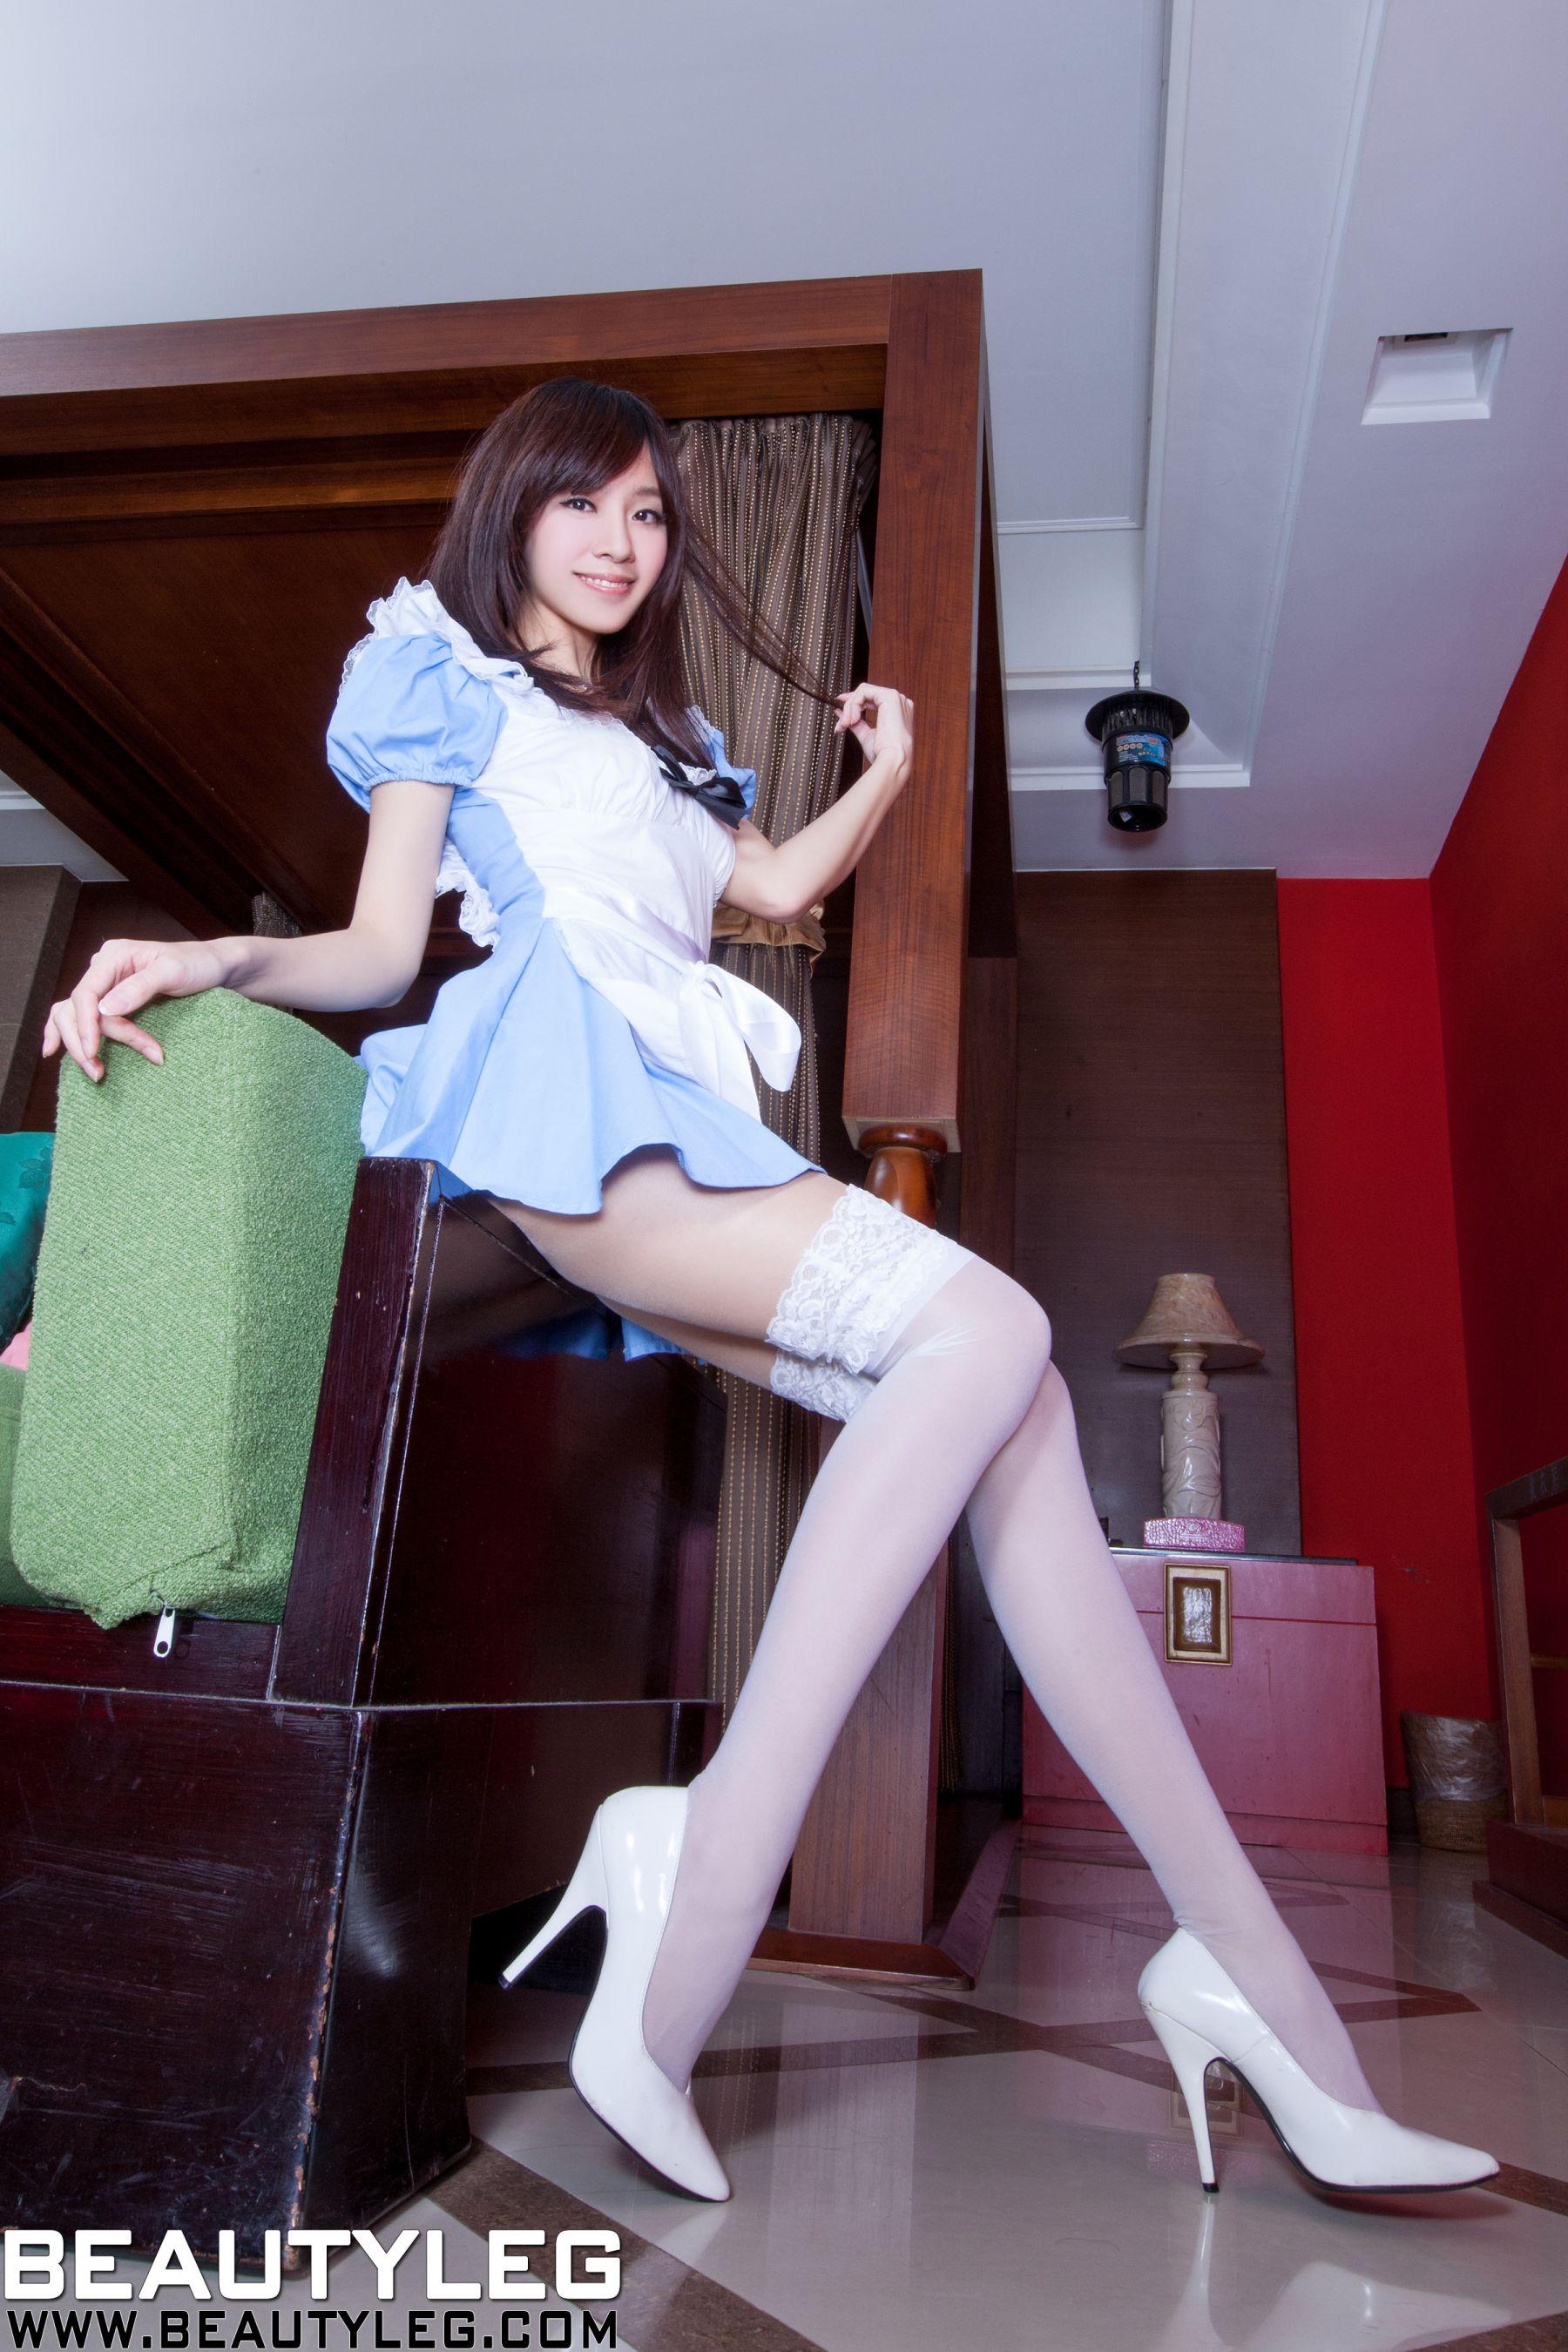 VOL.260 [Beautyleg]女仆白丝高跟美腿:林千如(腿模Anita)高品质写真套图(51P)